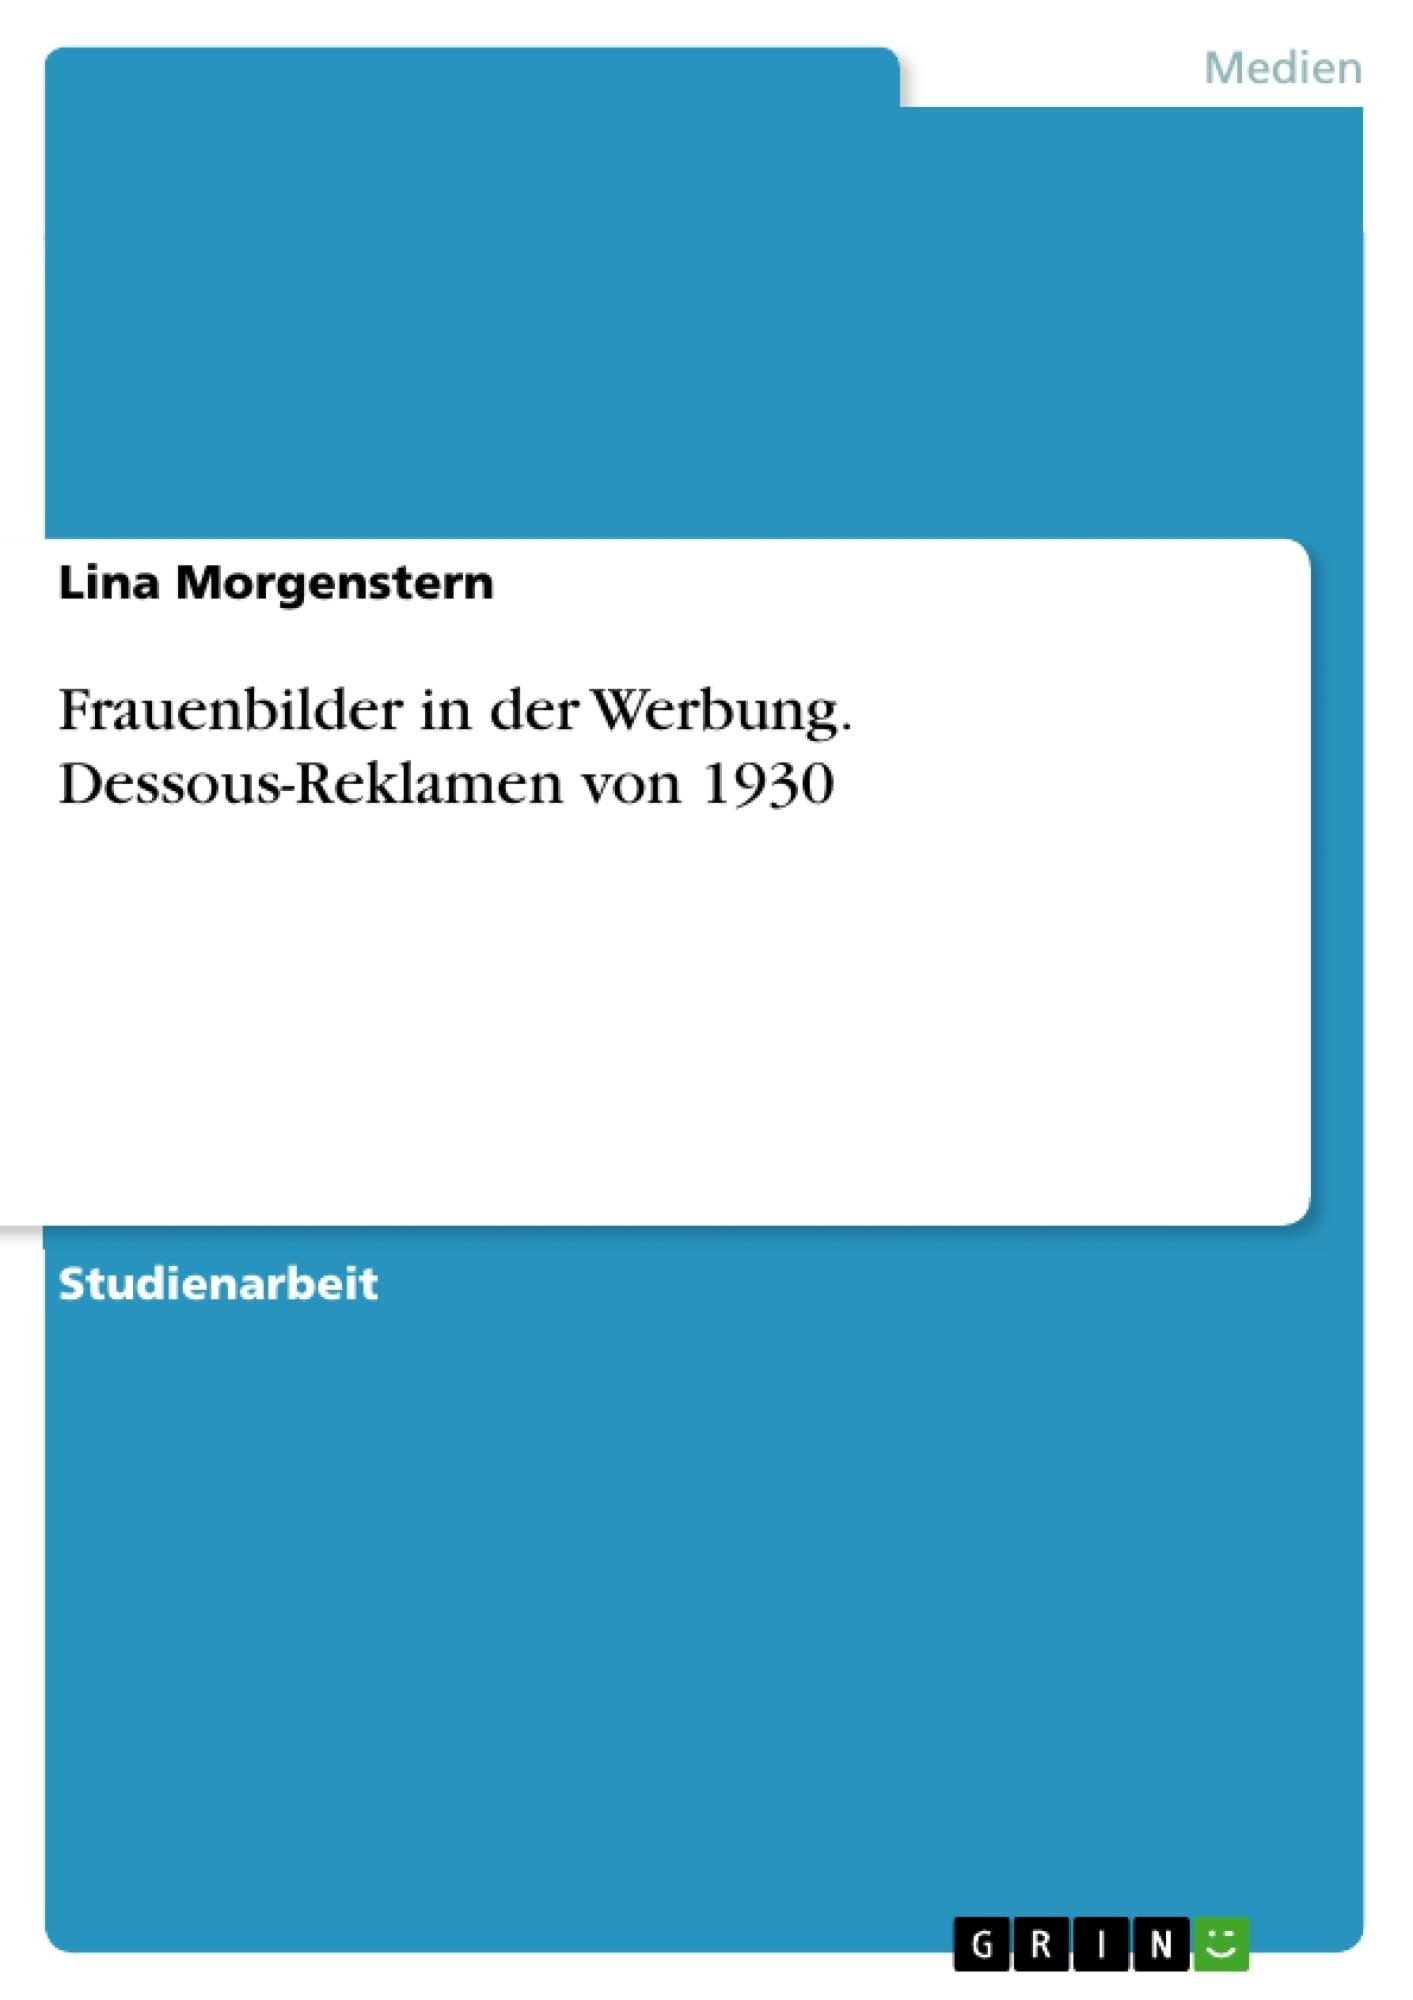 Titel: Frauenbilder in der Werbung. Dessous-Reklamen von 1930